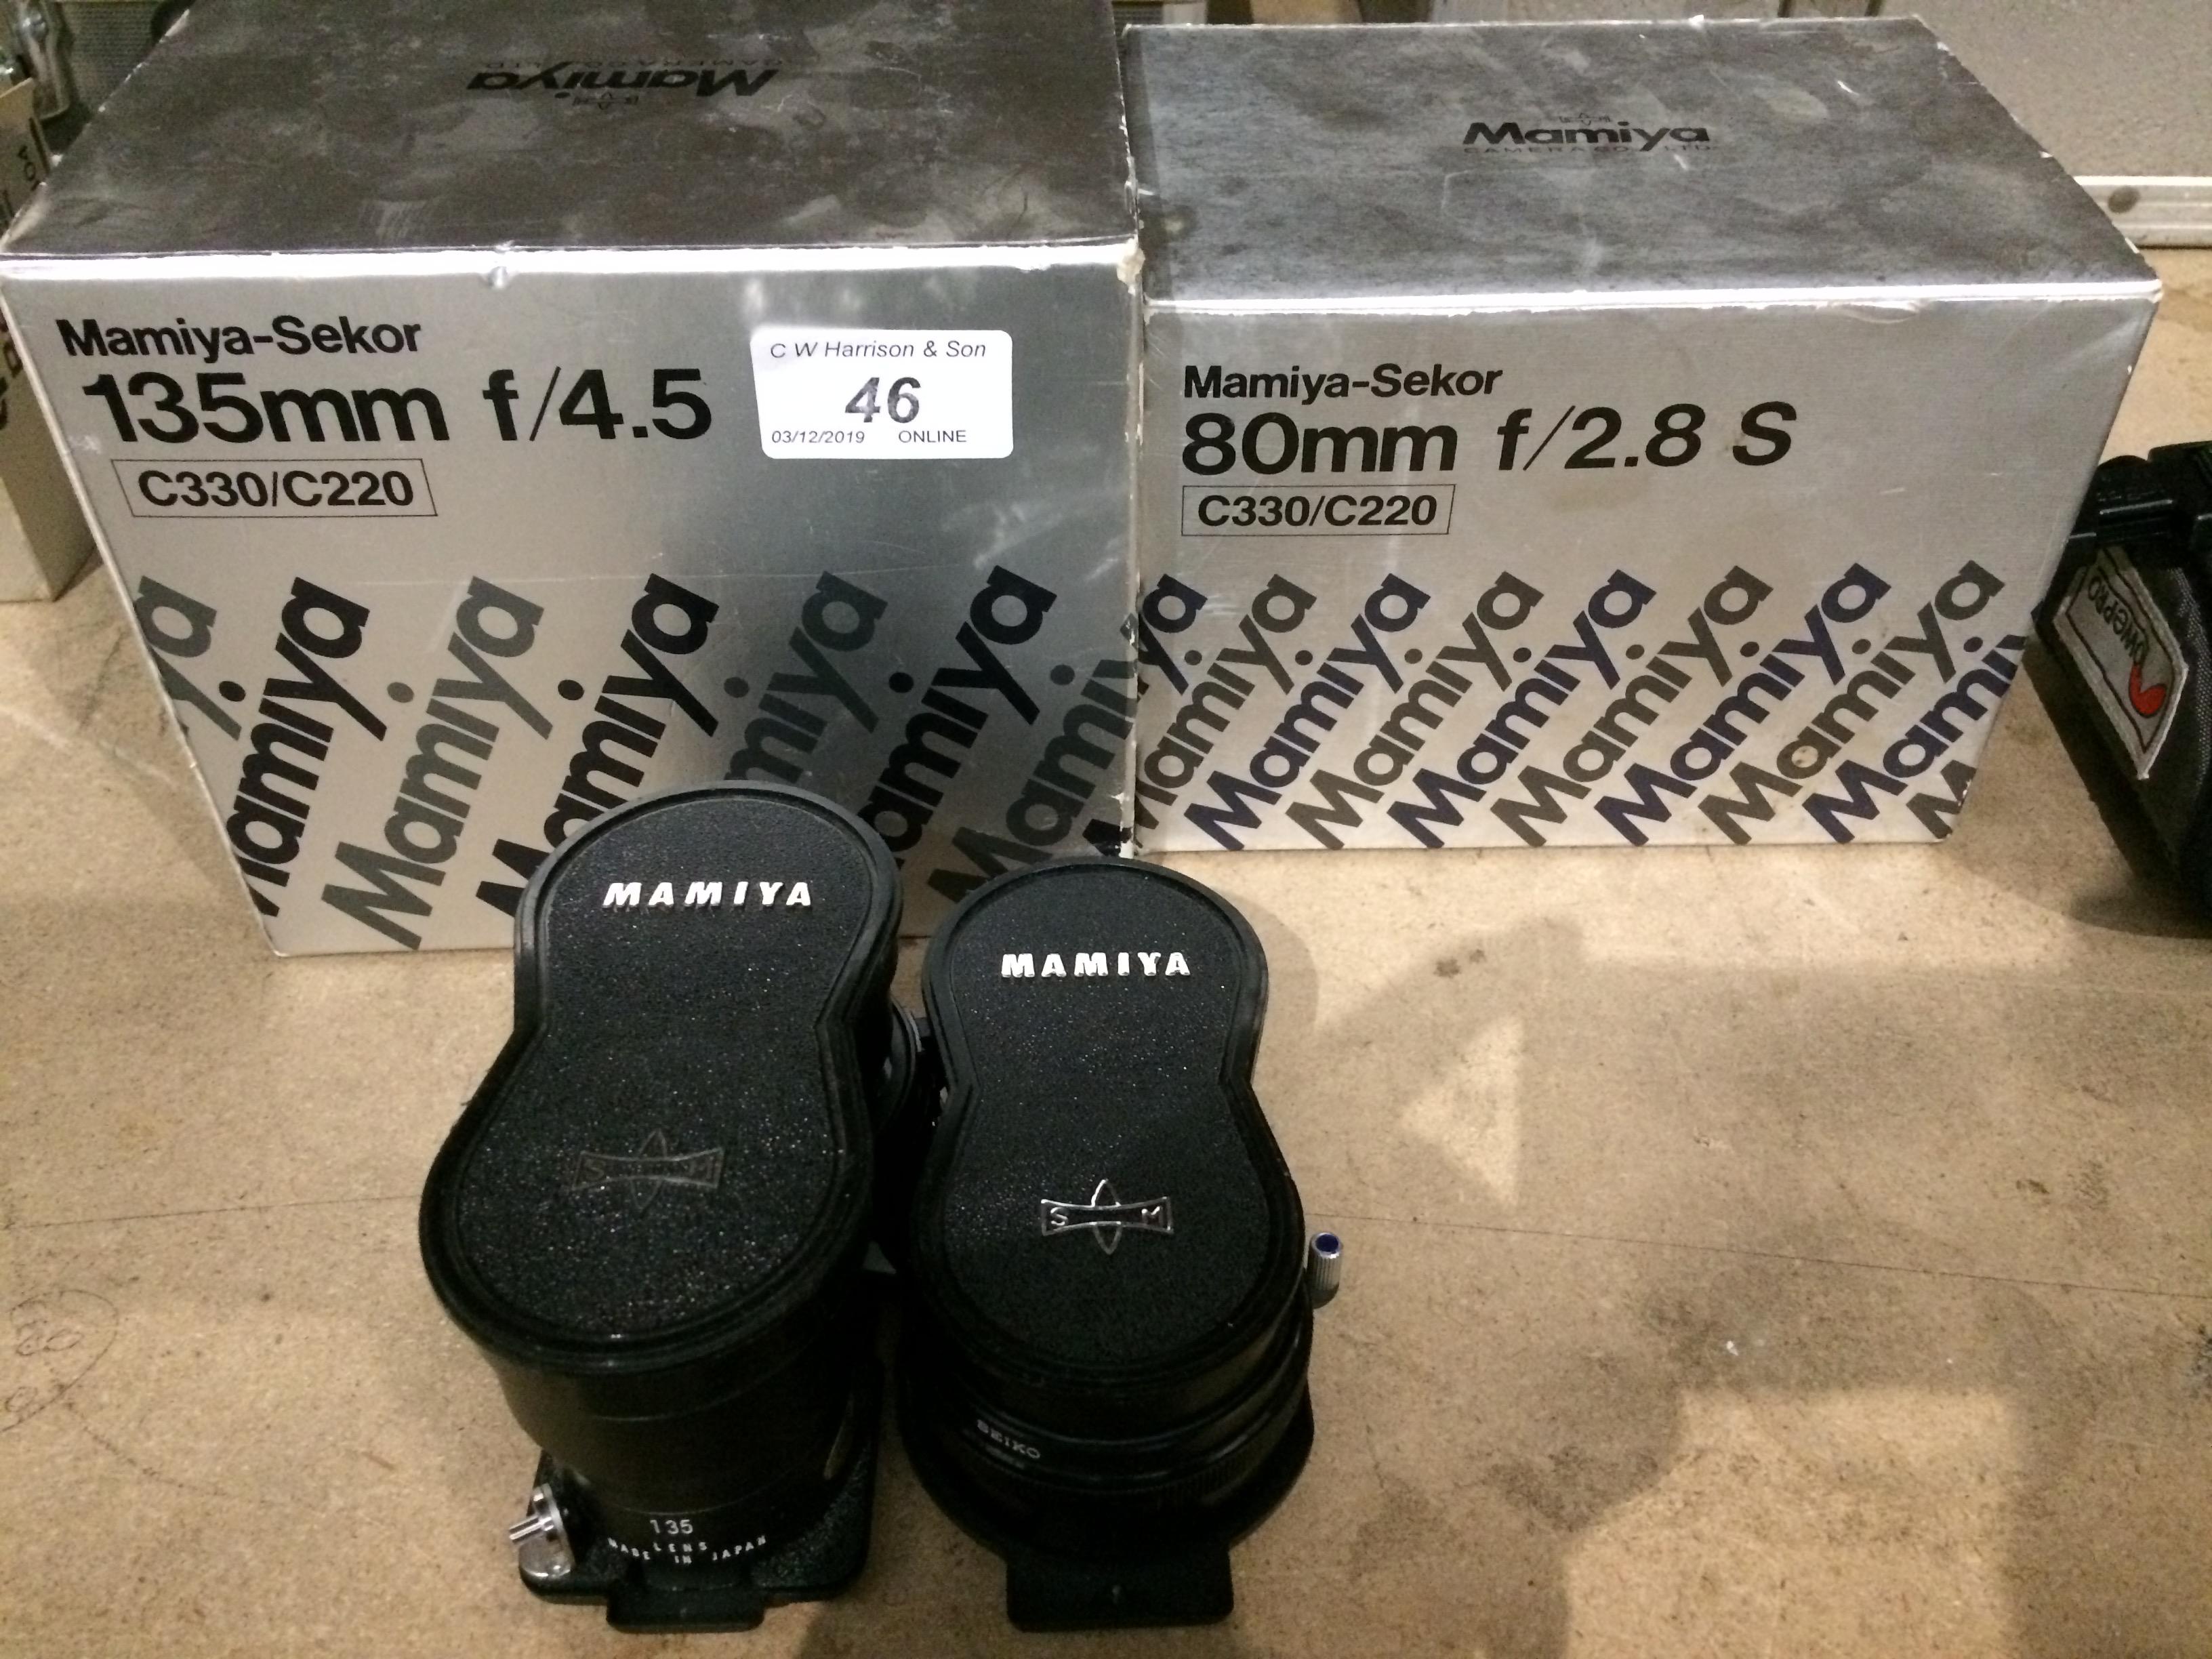 Lot 46 - 2 x items - Mamiya Sekor 135mm F/4.5 lens - boxed, and a Mamiya Sekor 80mm F/2.